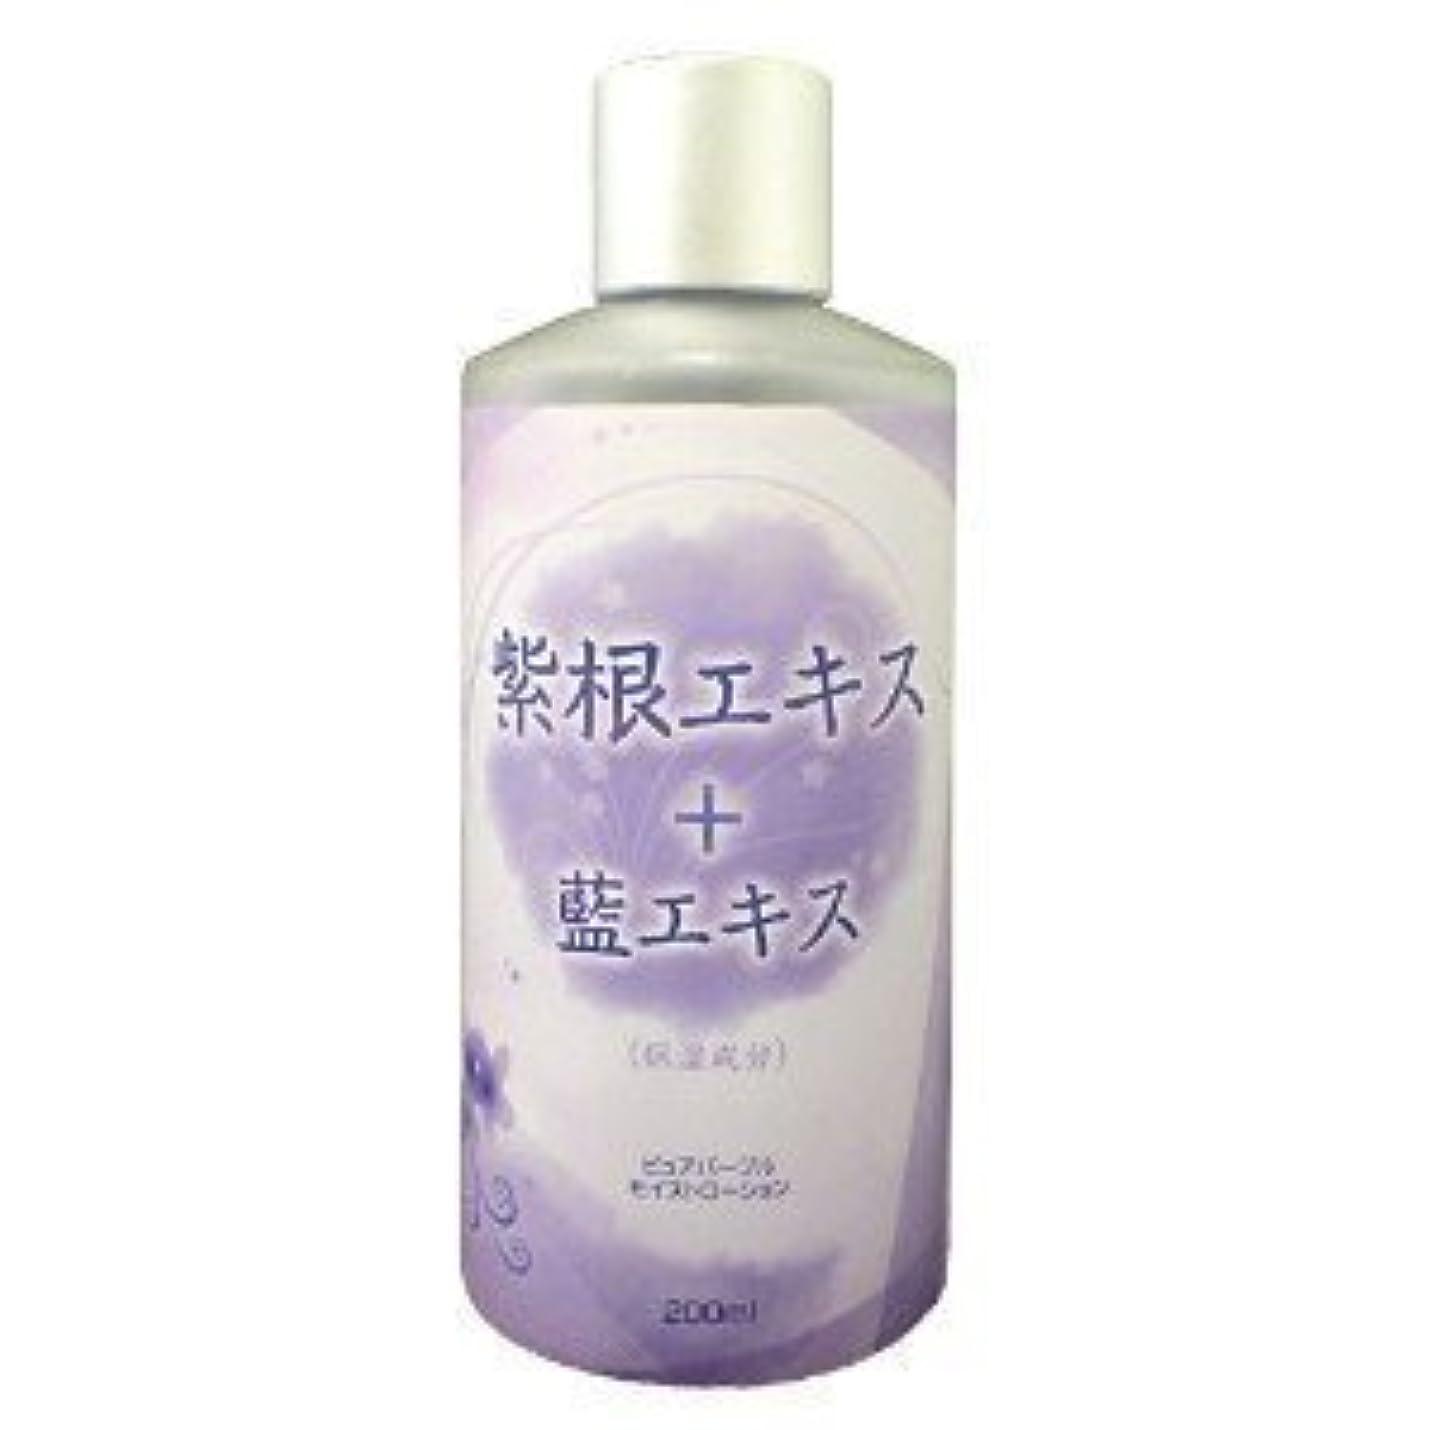 ミュージカルフックタンザニア3本セット ピュアパープルモイストローション シコン ( 紫根 ) 化粧水 藍エキス入り200ml